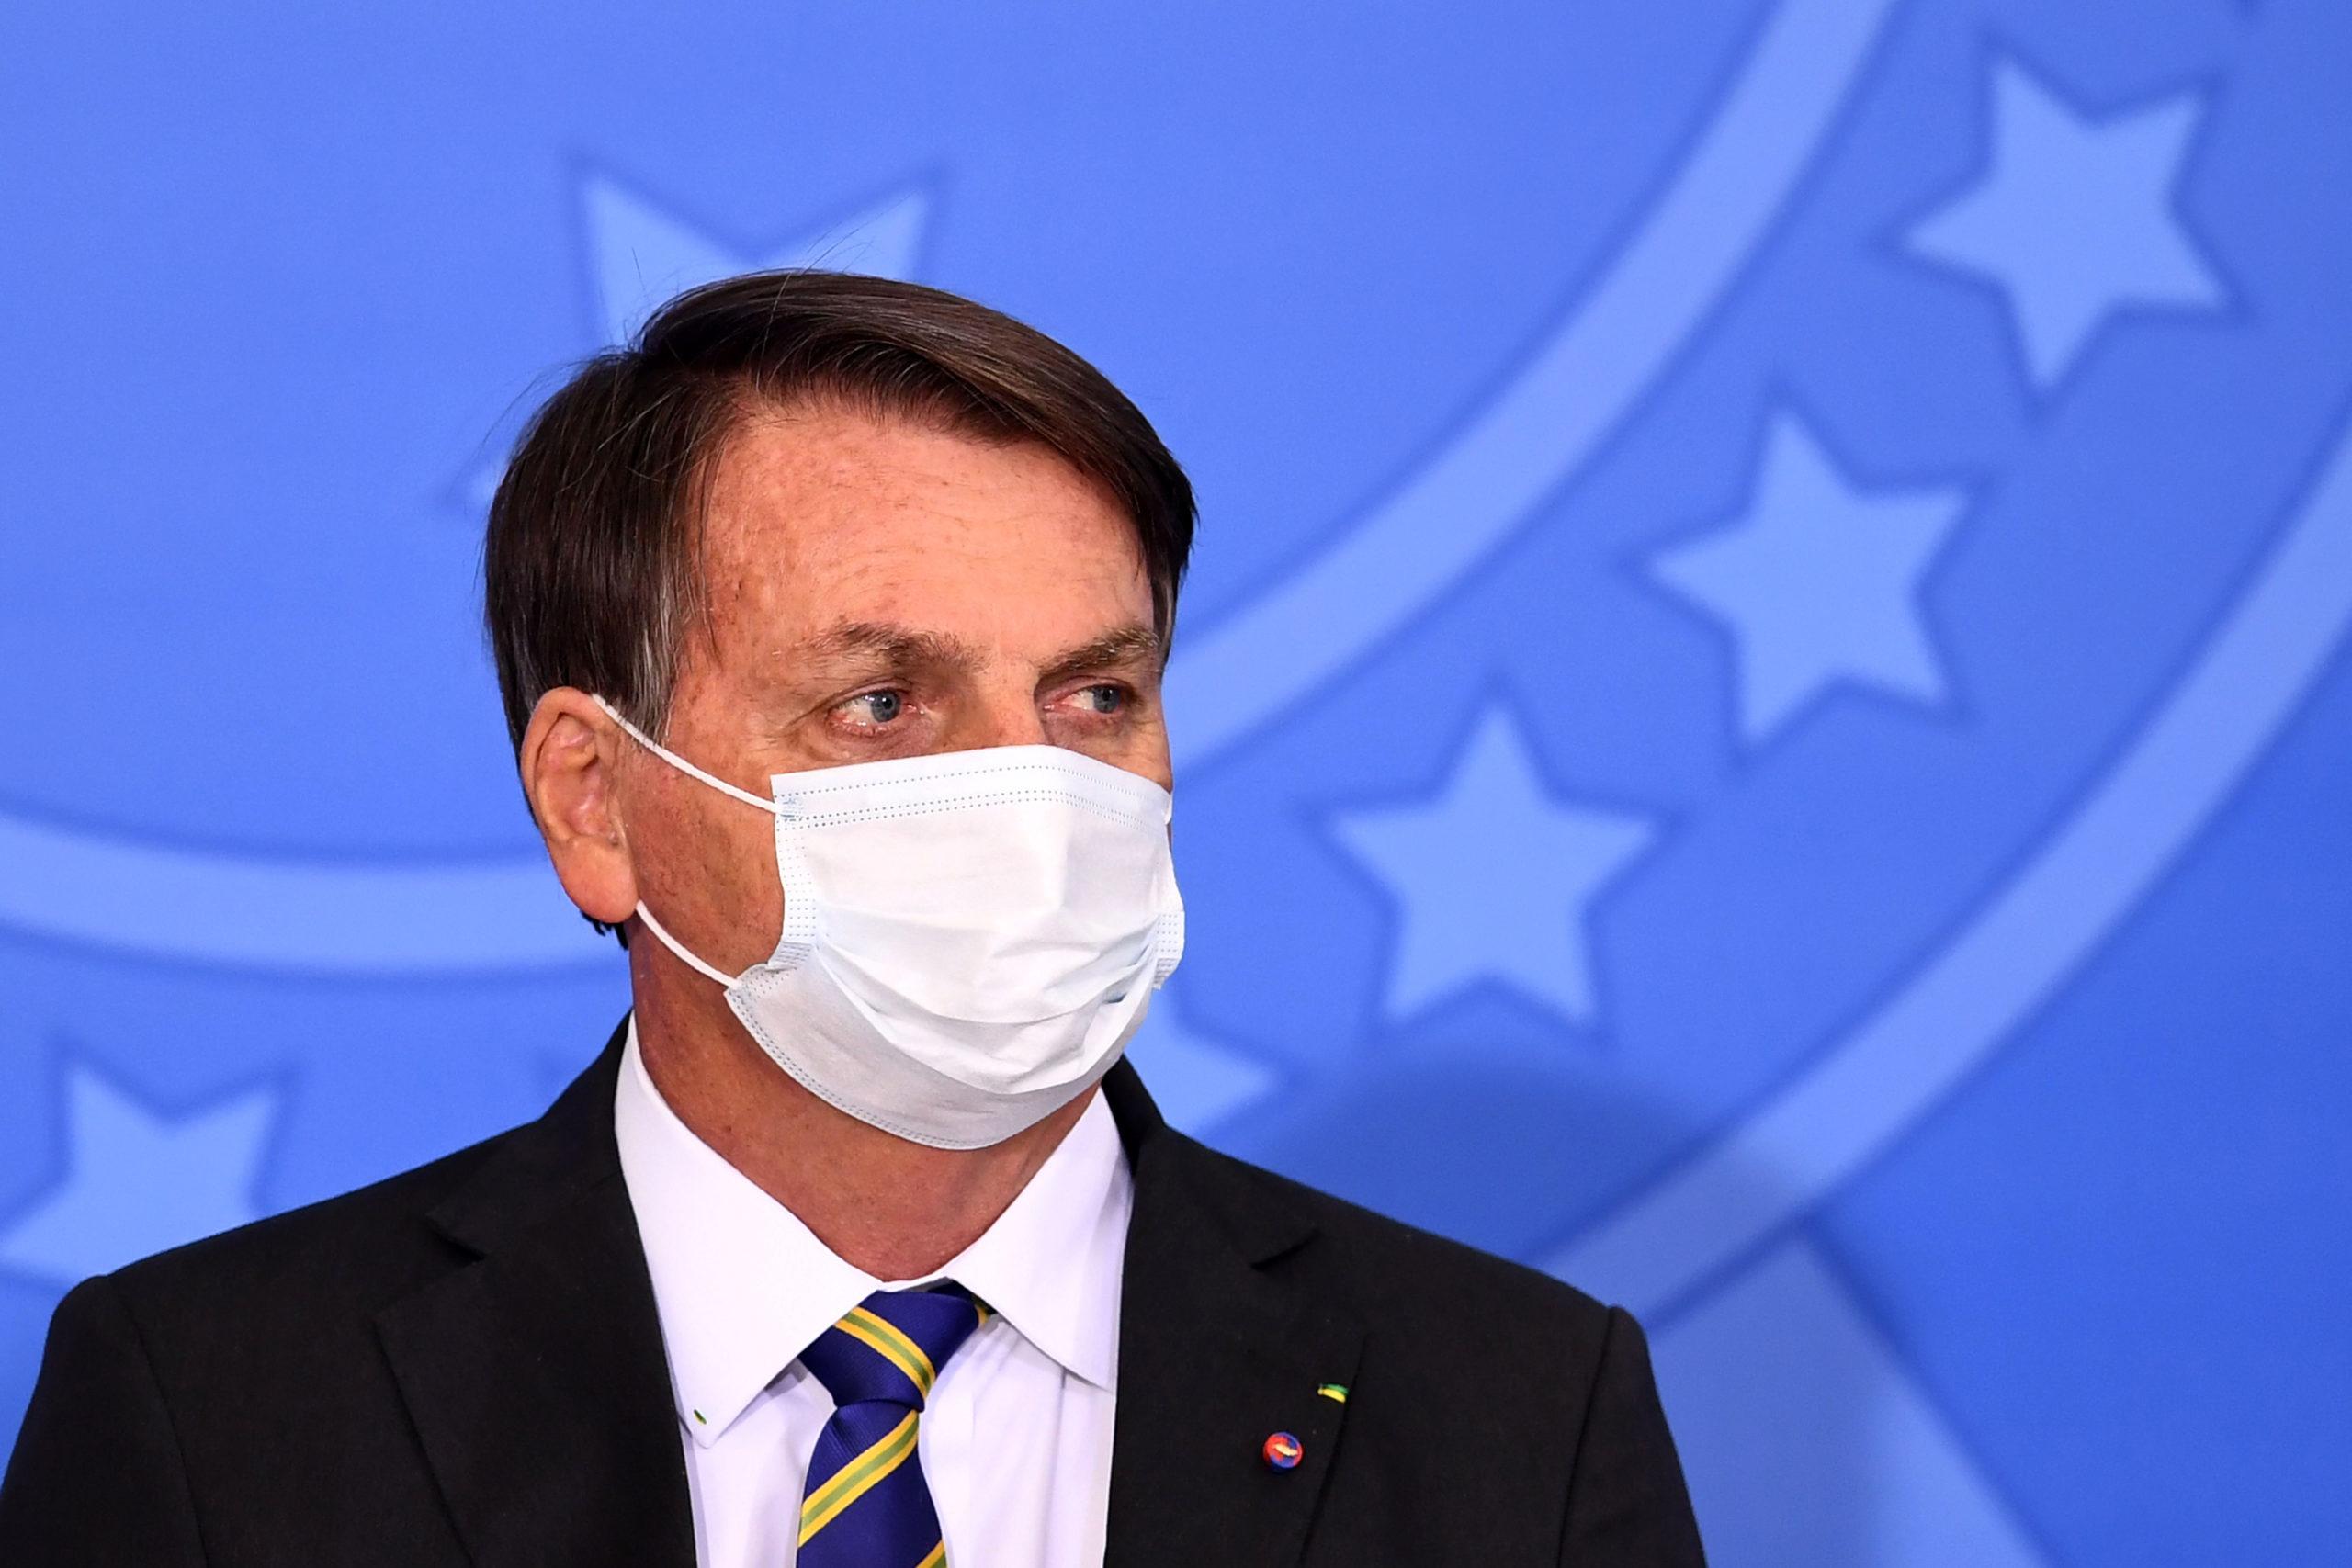 Për 20 ditë i sëmurë me Covid-19, Bolsonaro: Ndihem pak i pafuqishëm, kam myk në mushkëri